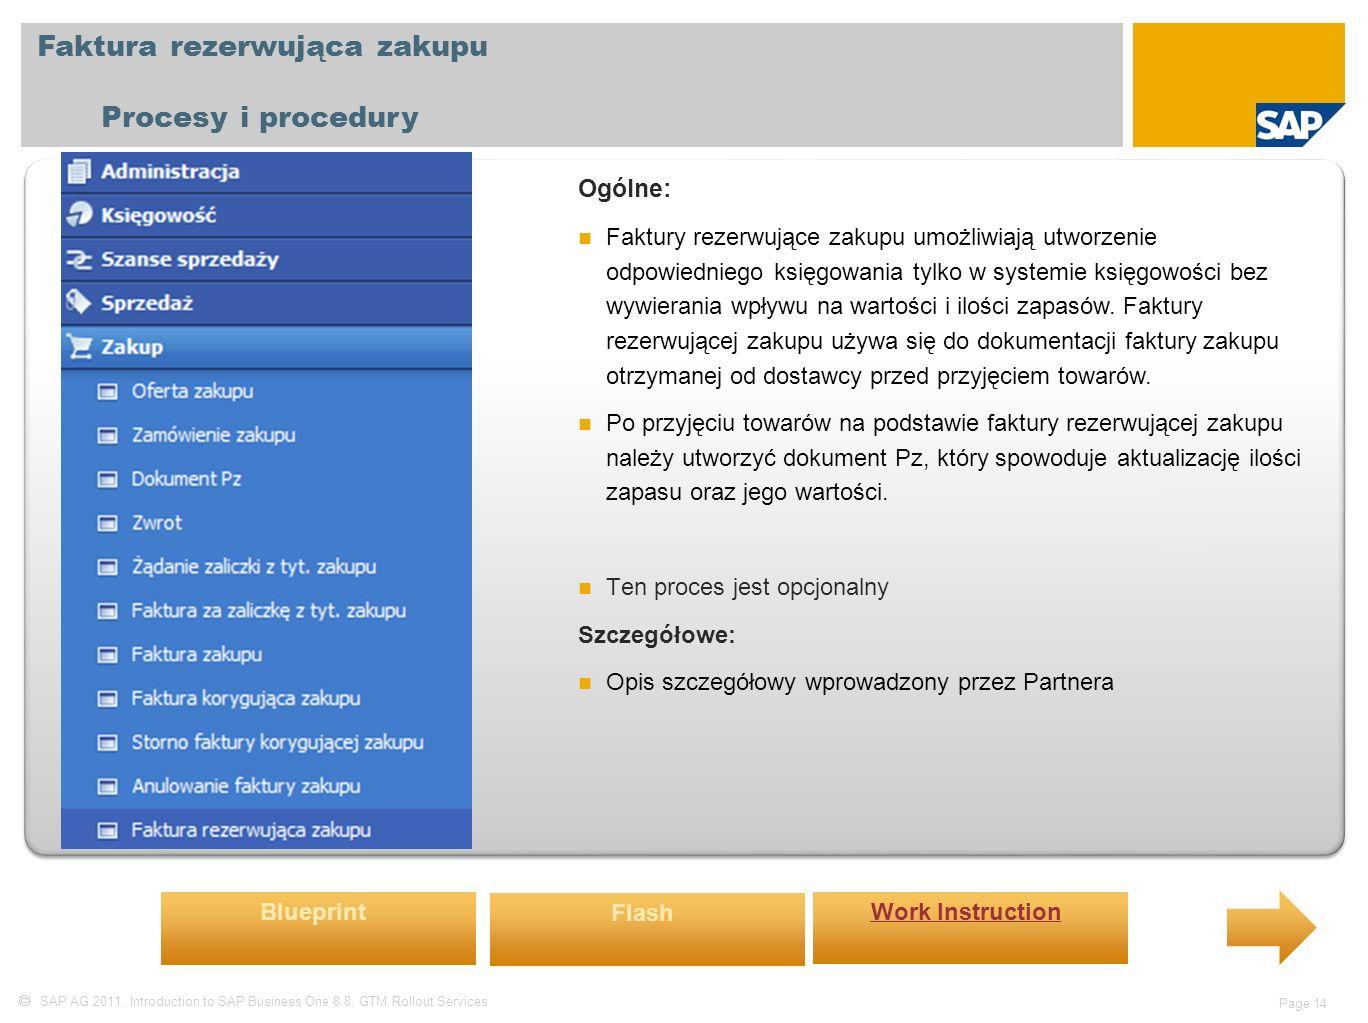  SAP AG 2011, Introduction to SAP Business One 8.8, GTM Rollout Services Page 14 Faktura rezerwująca zakupu Procesy i procedury Ogólne: Faktury rezer